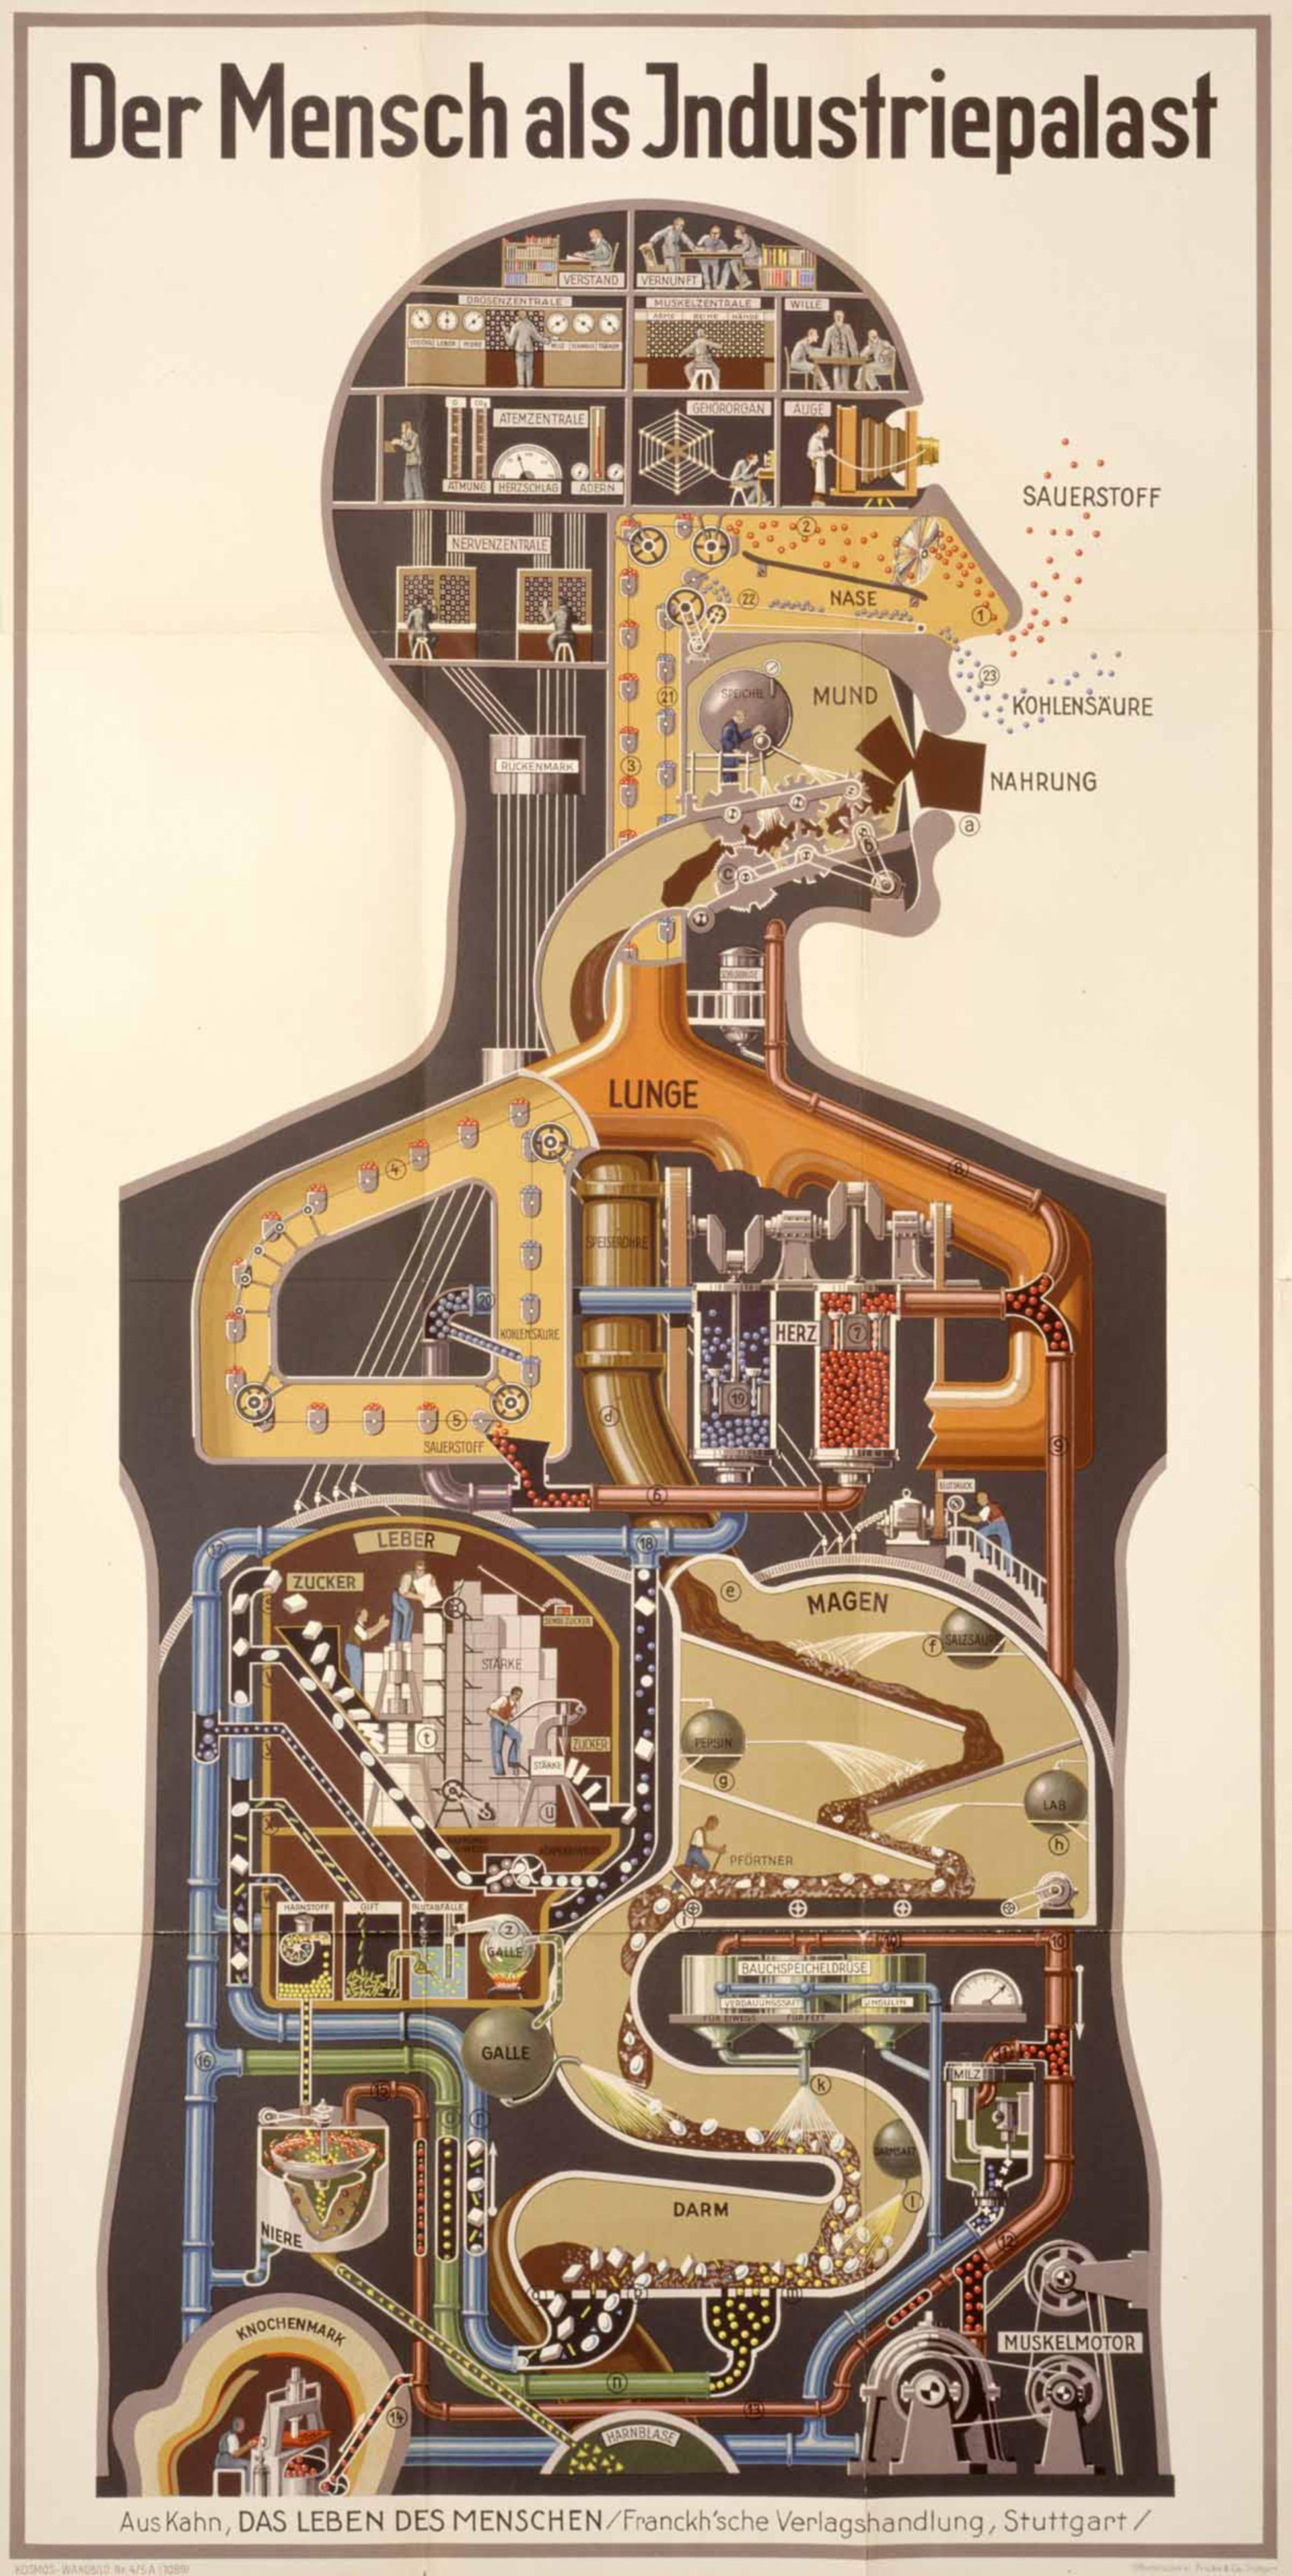 Der Mensch als Industriepalast (Illustration)